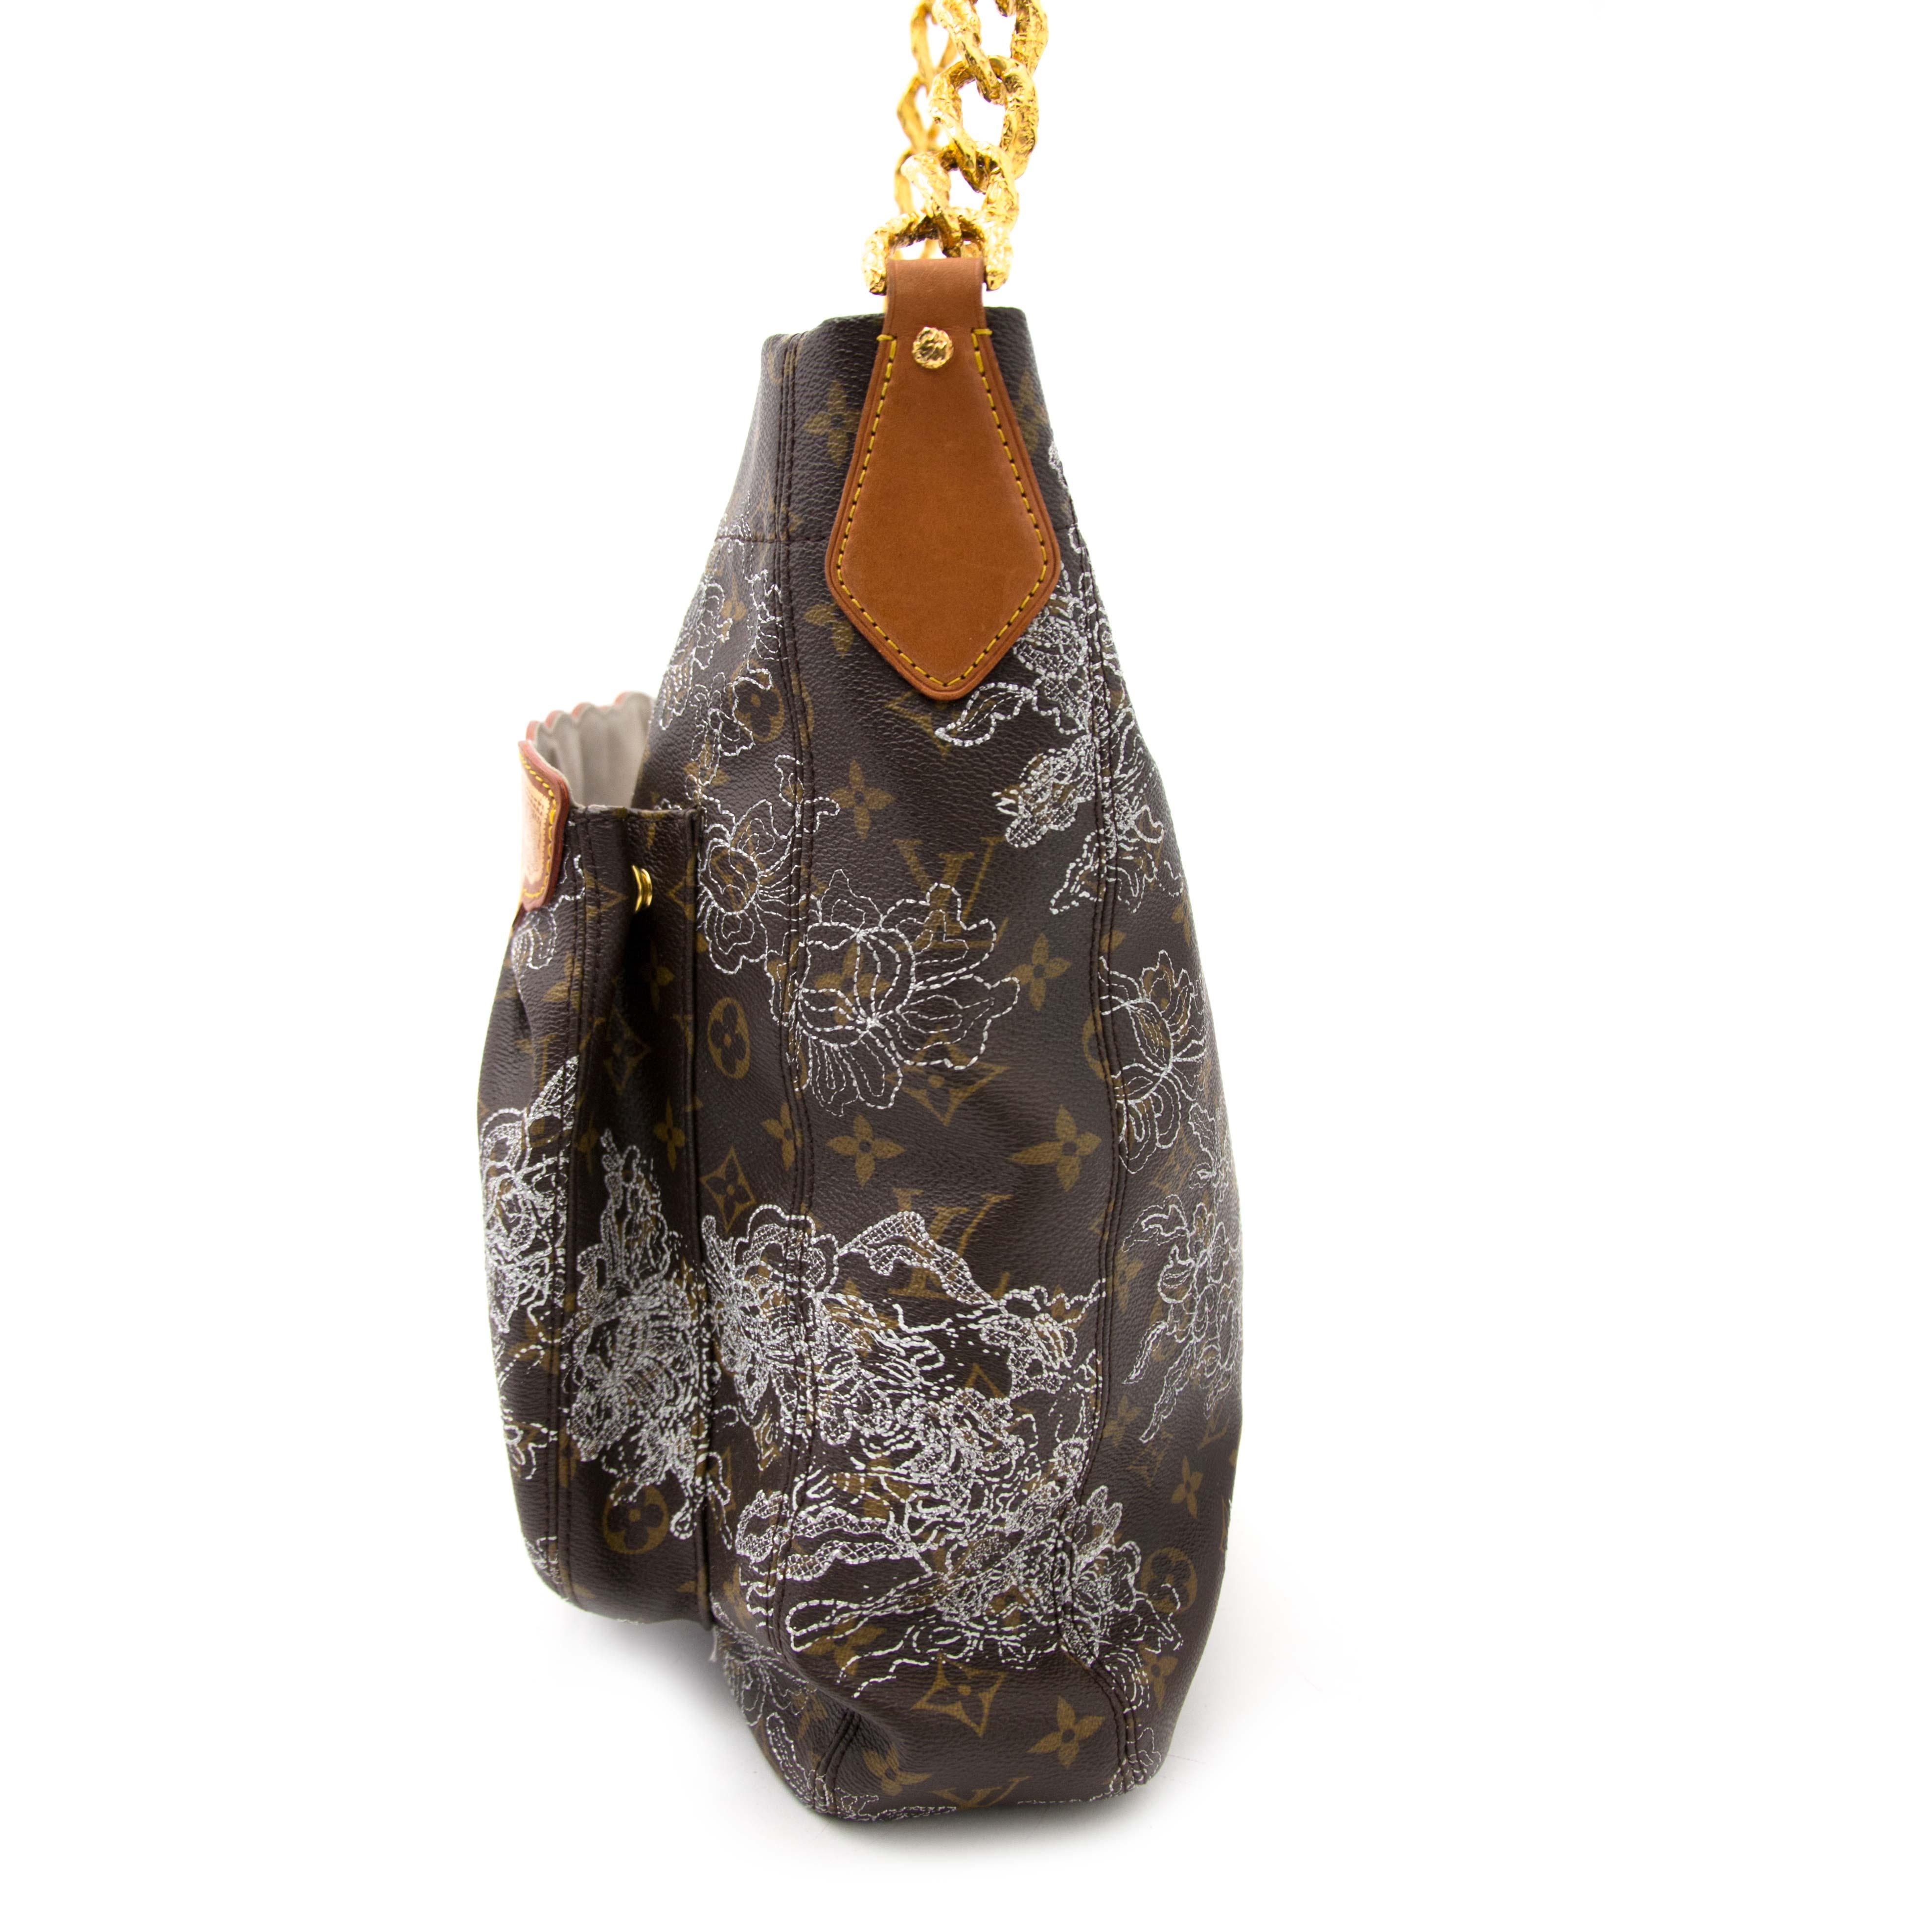 koop online aan de beste prijs tweedehands Louis Vuitton Limited Dentelle Fersen Bag